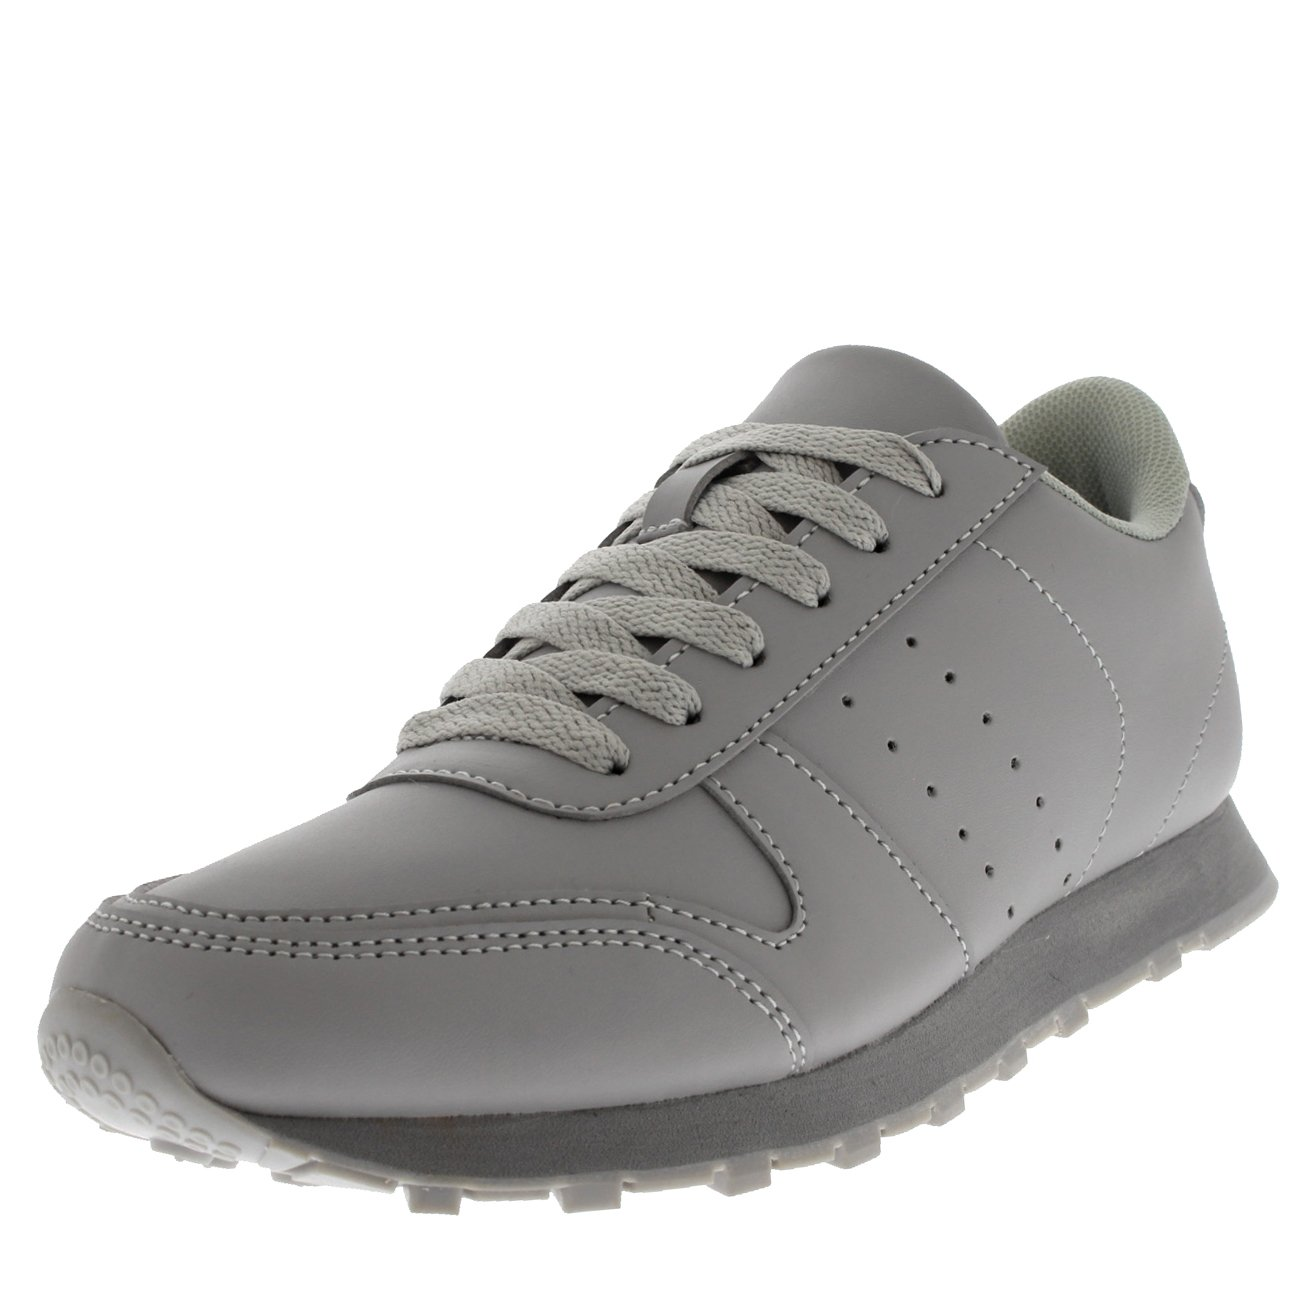 Hombre Corriendo Deportes Absorción De Impactos Ligero Gimnasio para Caminar Entrenadores Sneakers: Amazon.es: Zapatos y complementos